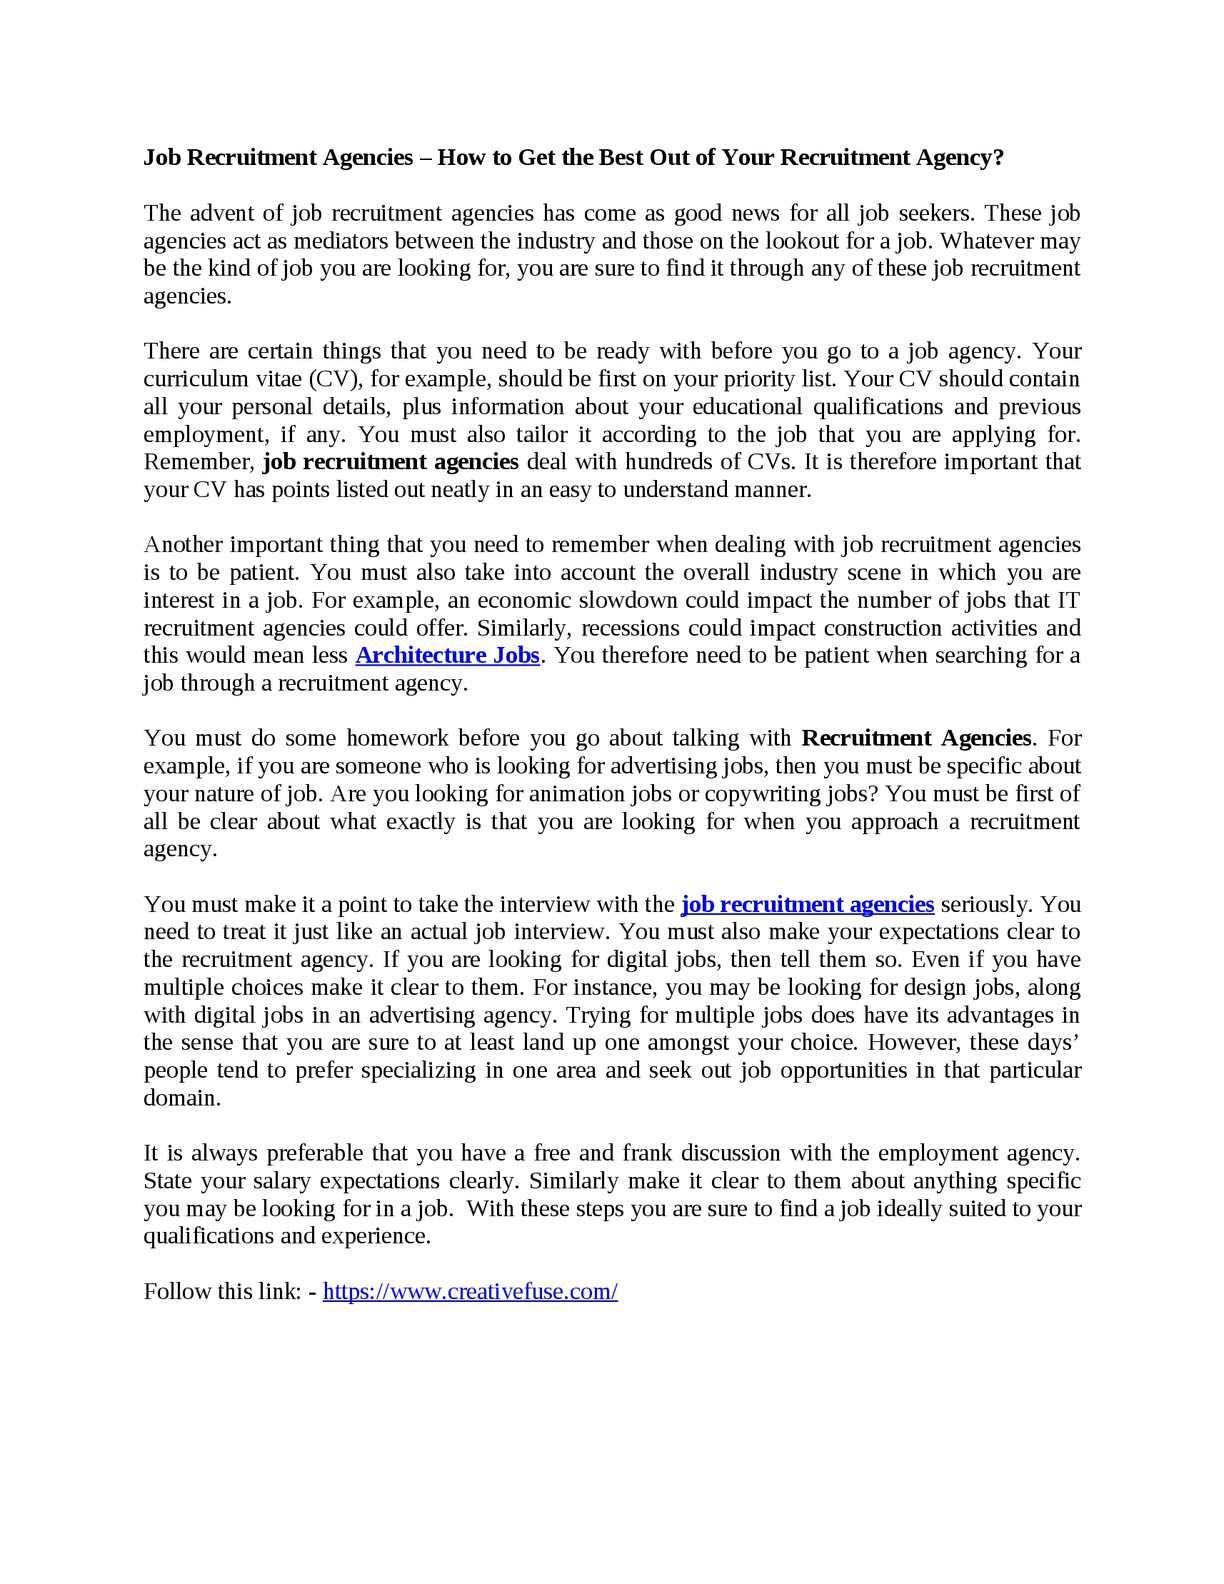 Calameo Job Recruitment Agencies